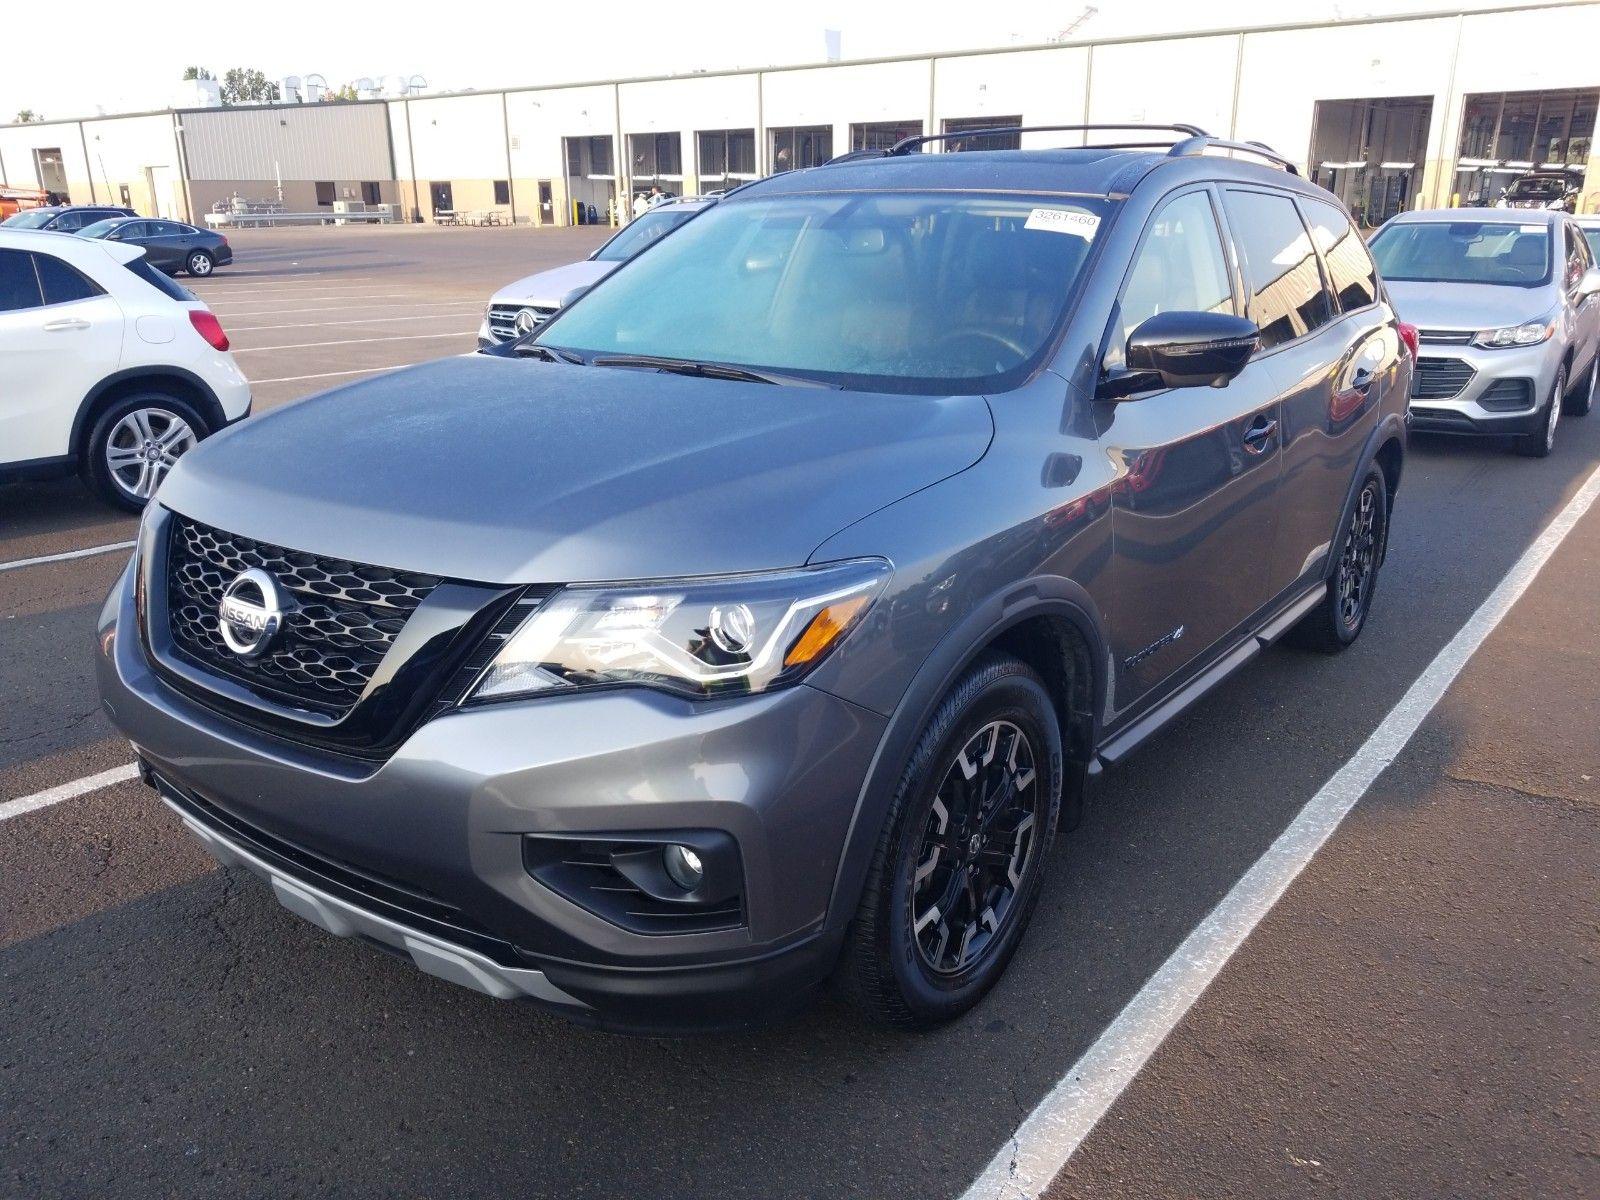 2019 Nissan Pathfinder 3.5. Lot 99913914087 Vin 5N1DR2MN3KC638491